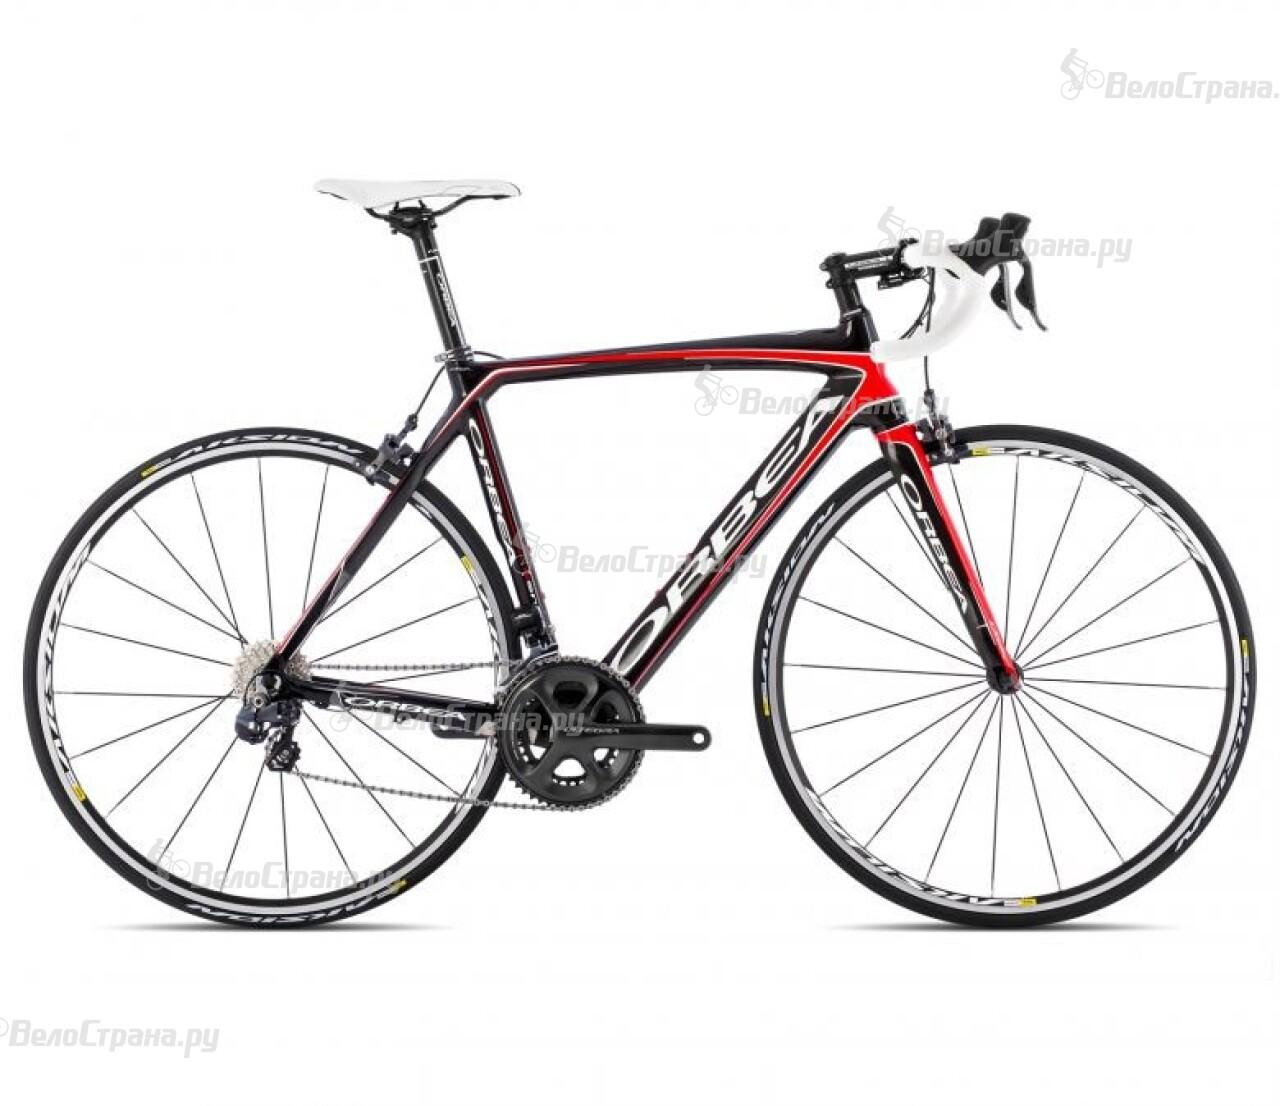 Велосипед Orbea Orca B M10 (2014) велосипед orbea orca dama gth 2013